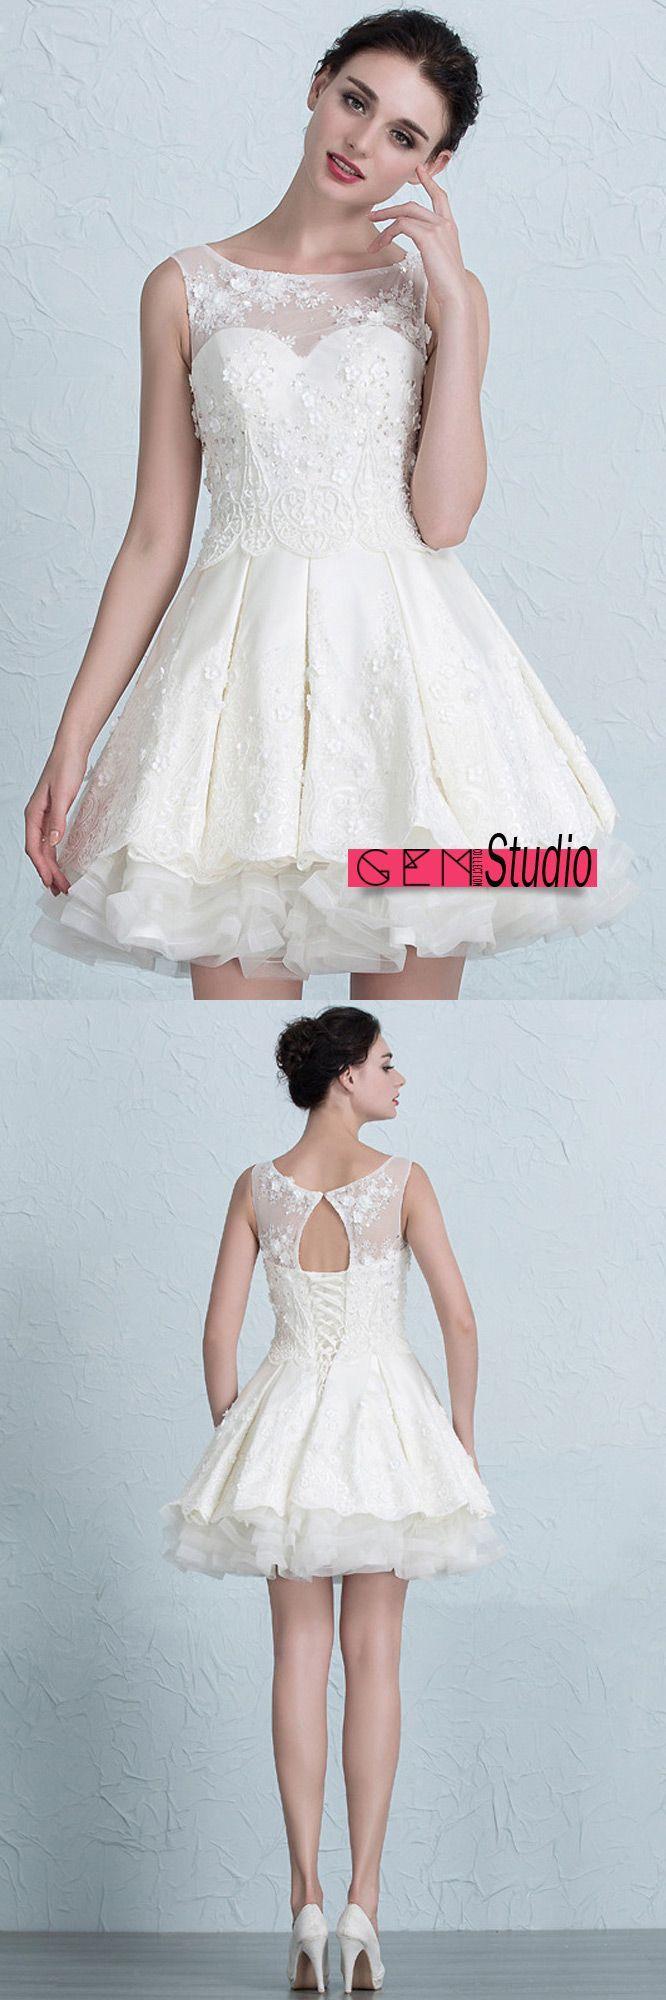 Dresses for wedding reception for bride  Lace Short Wedding Dresses  Summer ALine Scoop Neck Short Satin